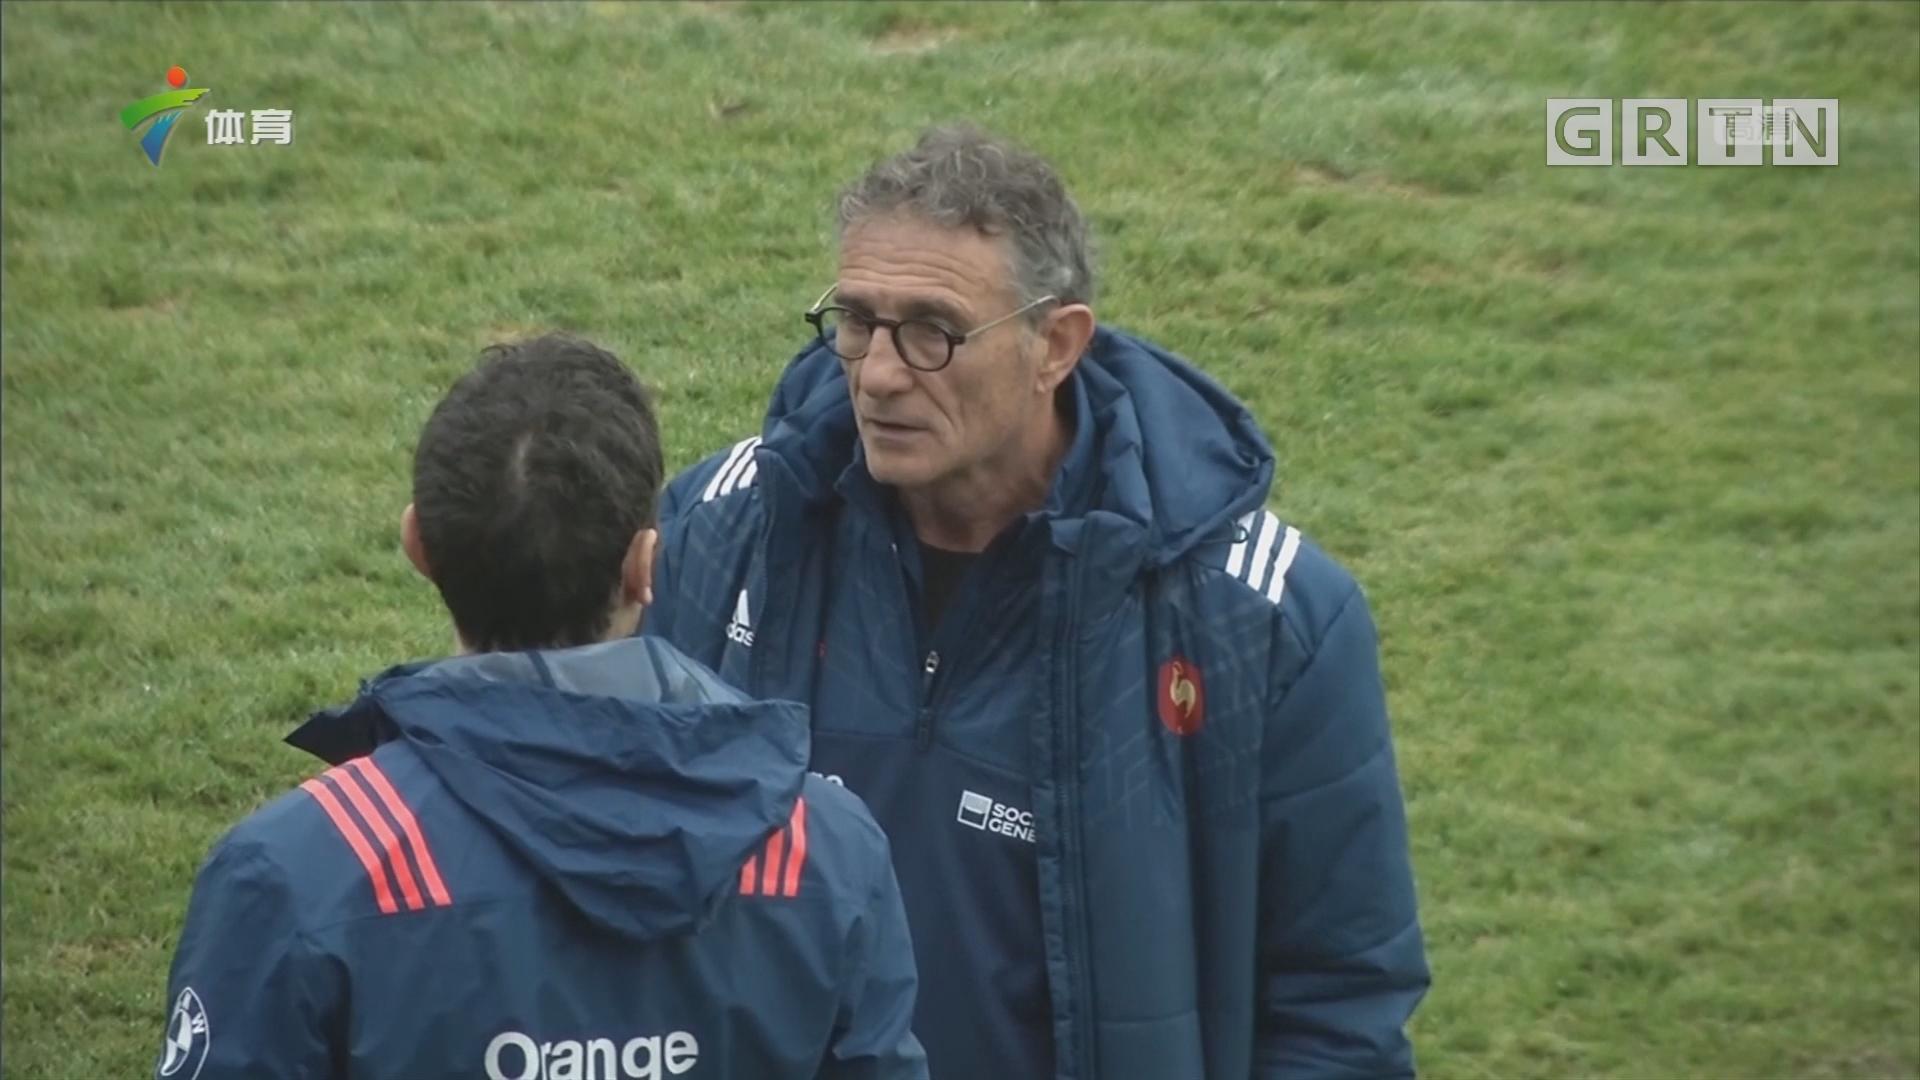 法国橄榄球队换帅 布鲁内尔走马上任